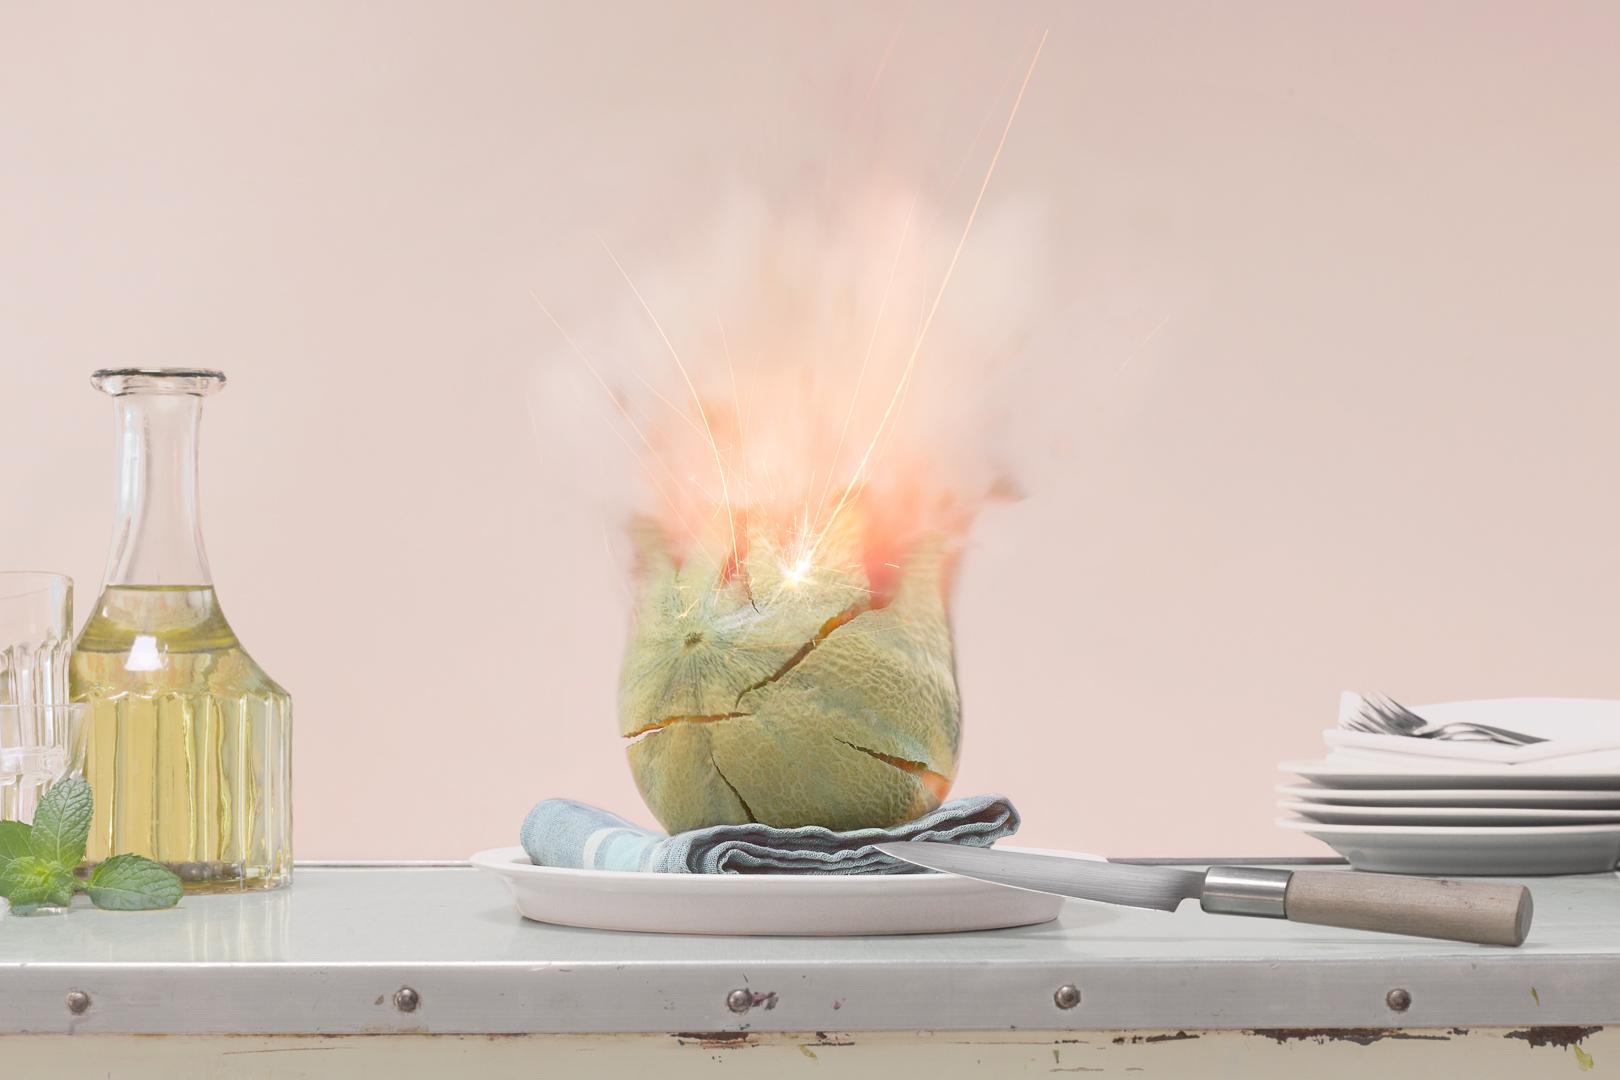 MP_AG Serie 02 Explosion_Melon_fin.JPG